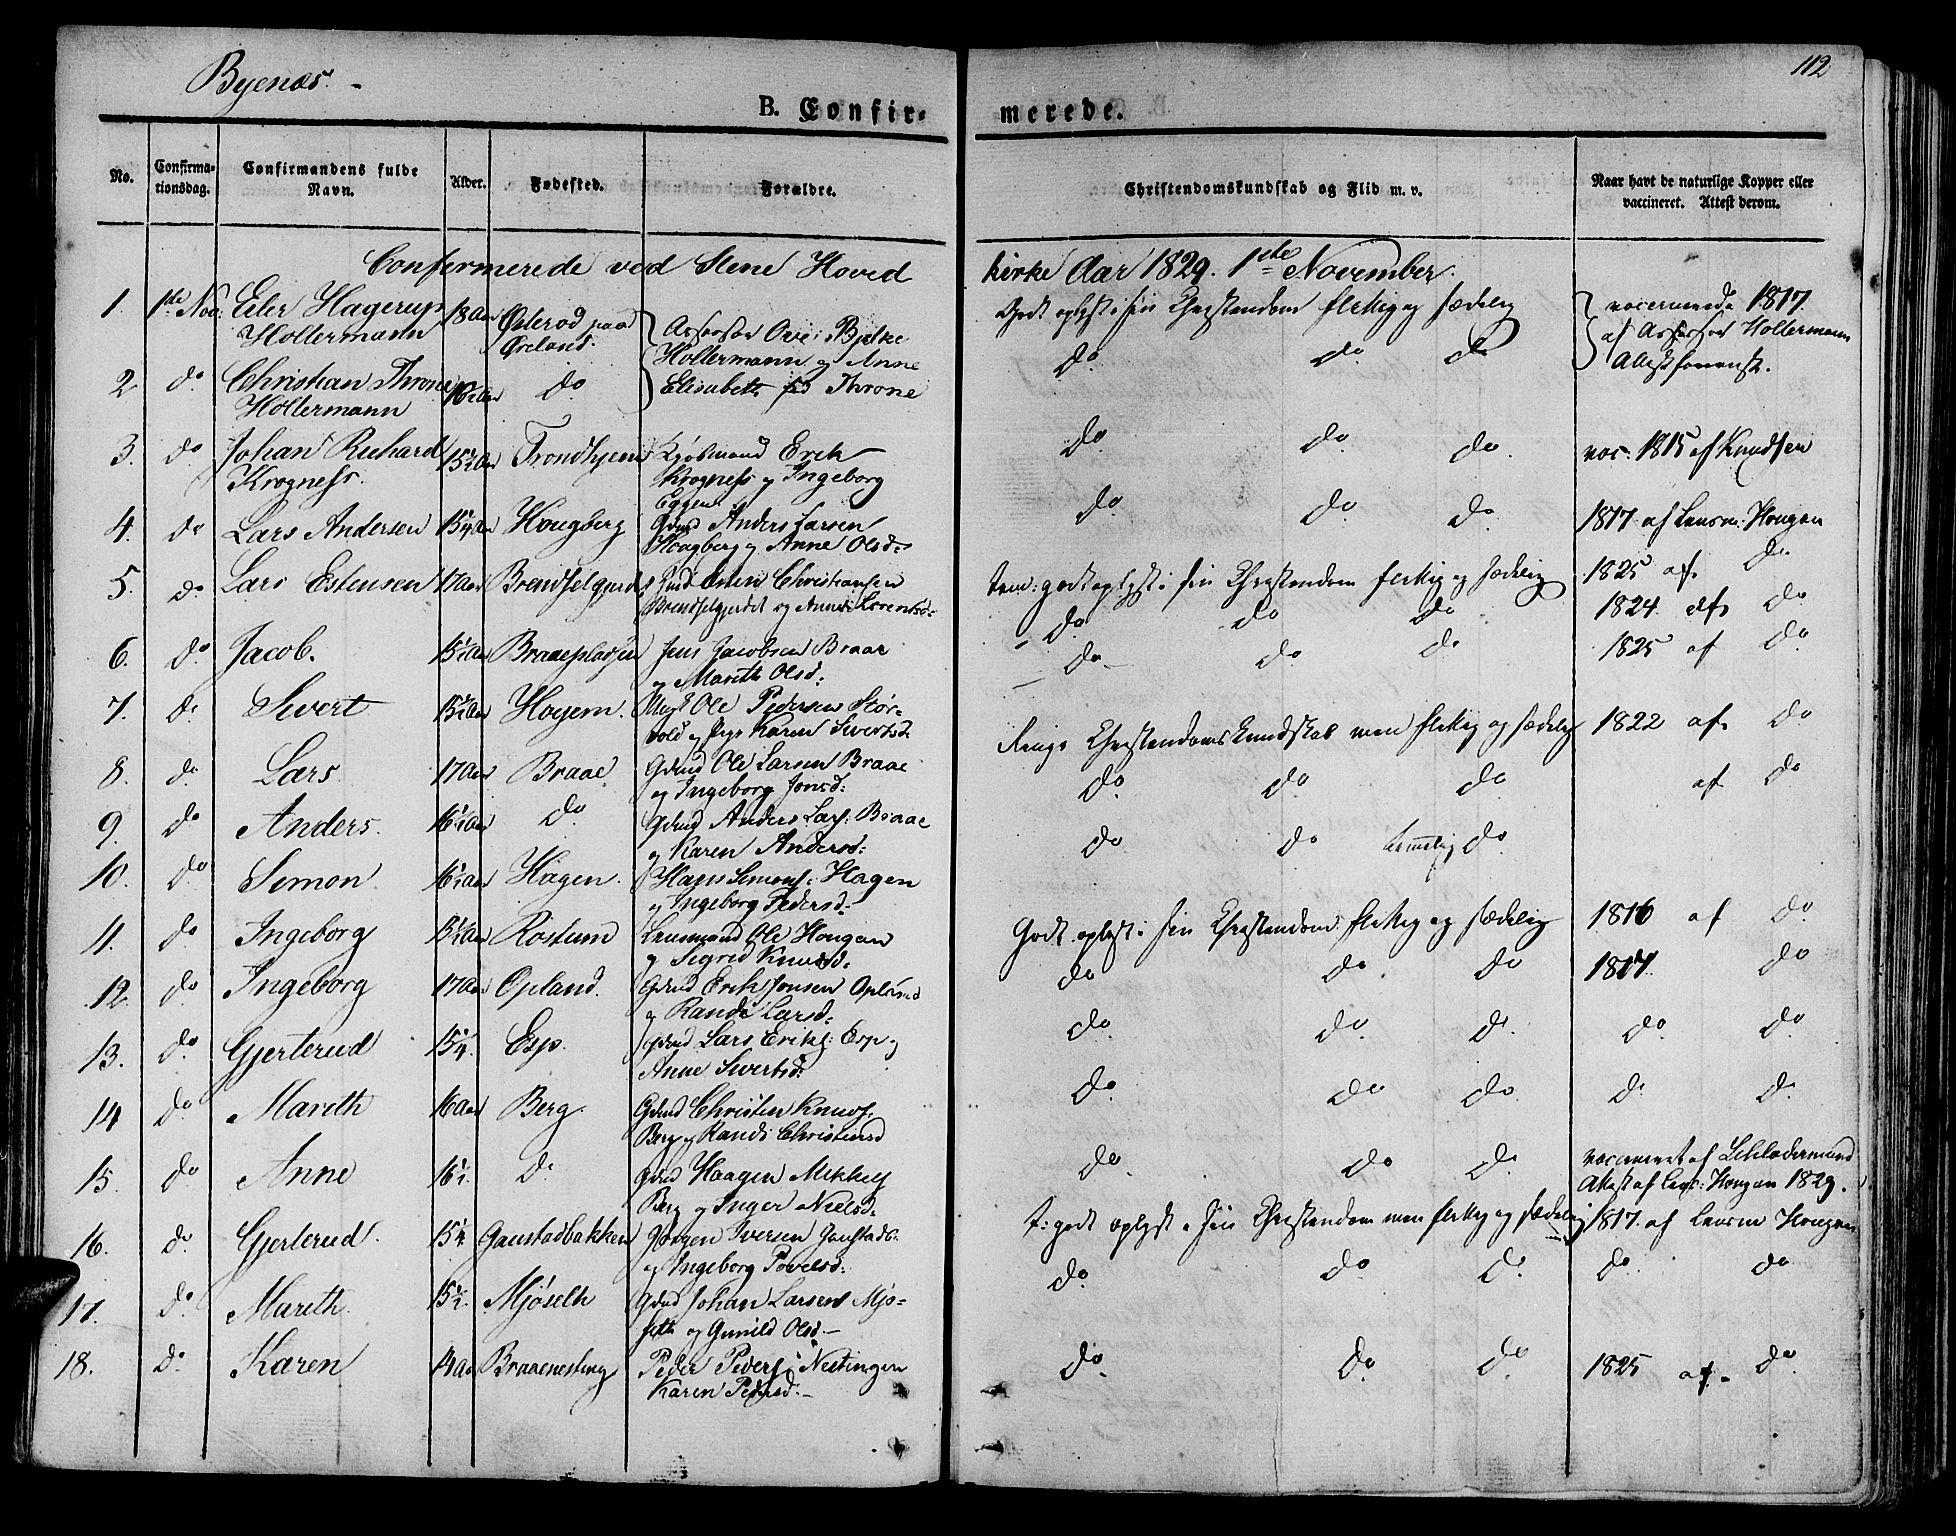 SAT, Ministerialprotokoller, klokkerbøker og fødselsregistre - Sør-Trøndelag, 612/L0374: Ministerialbok nr. 612A07 /1, 1829-1845, s. 112